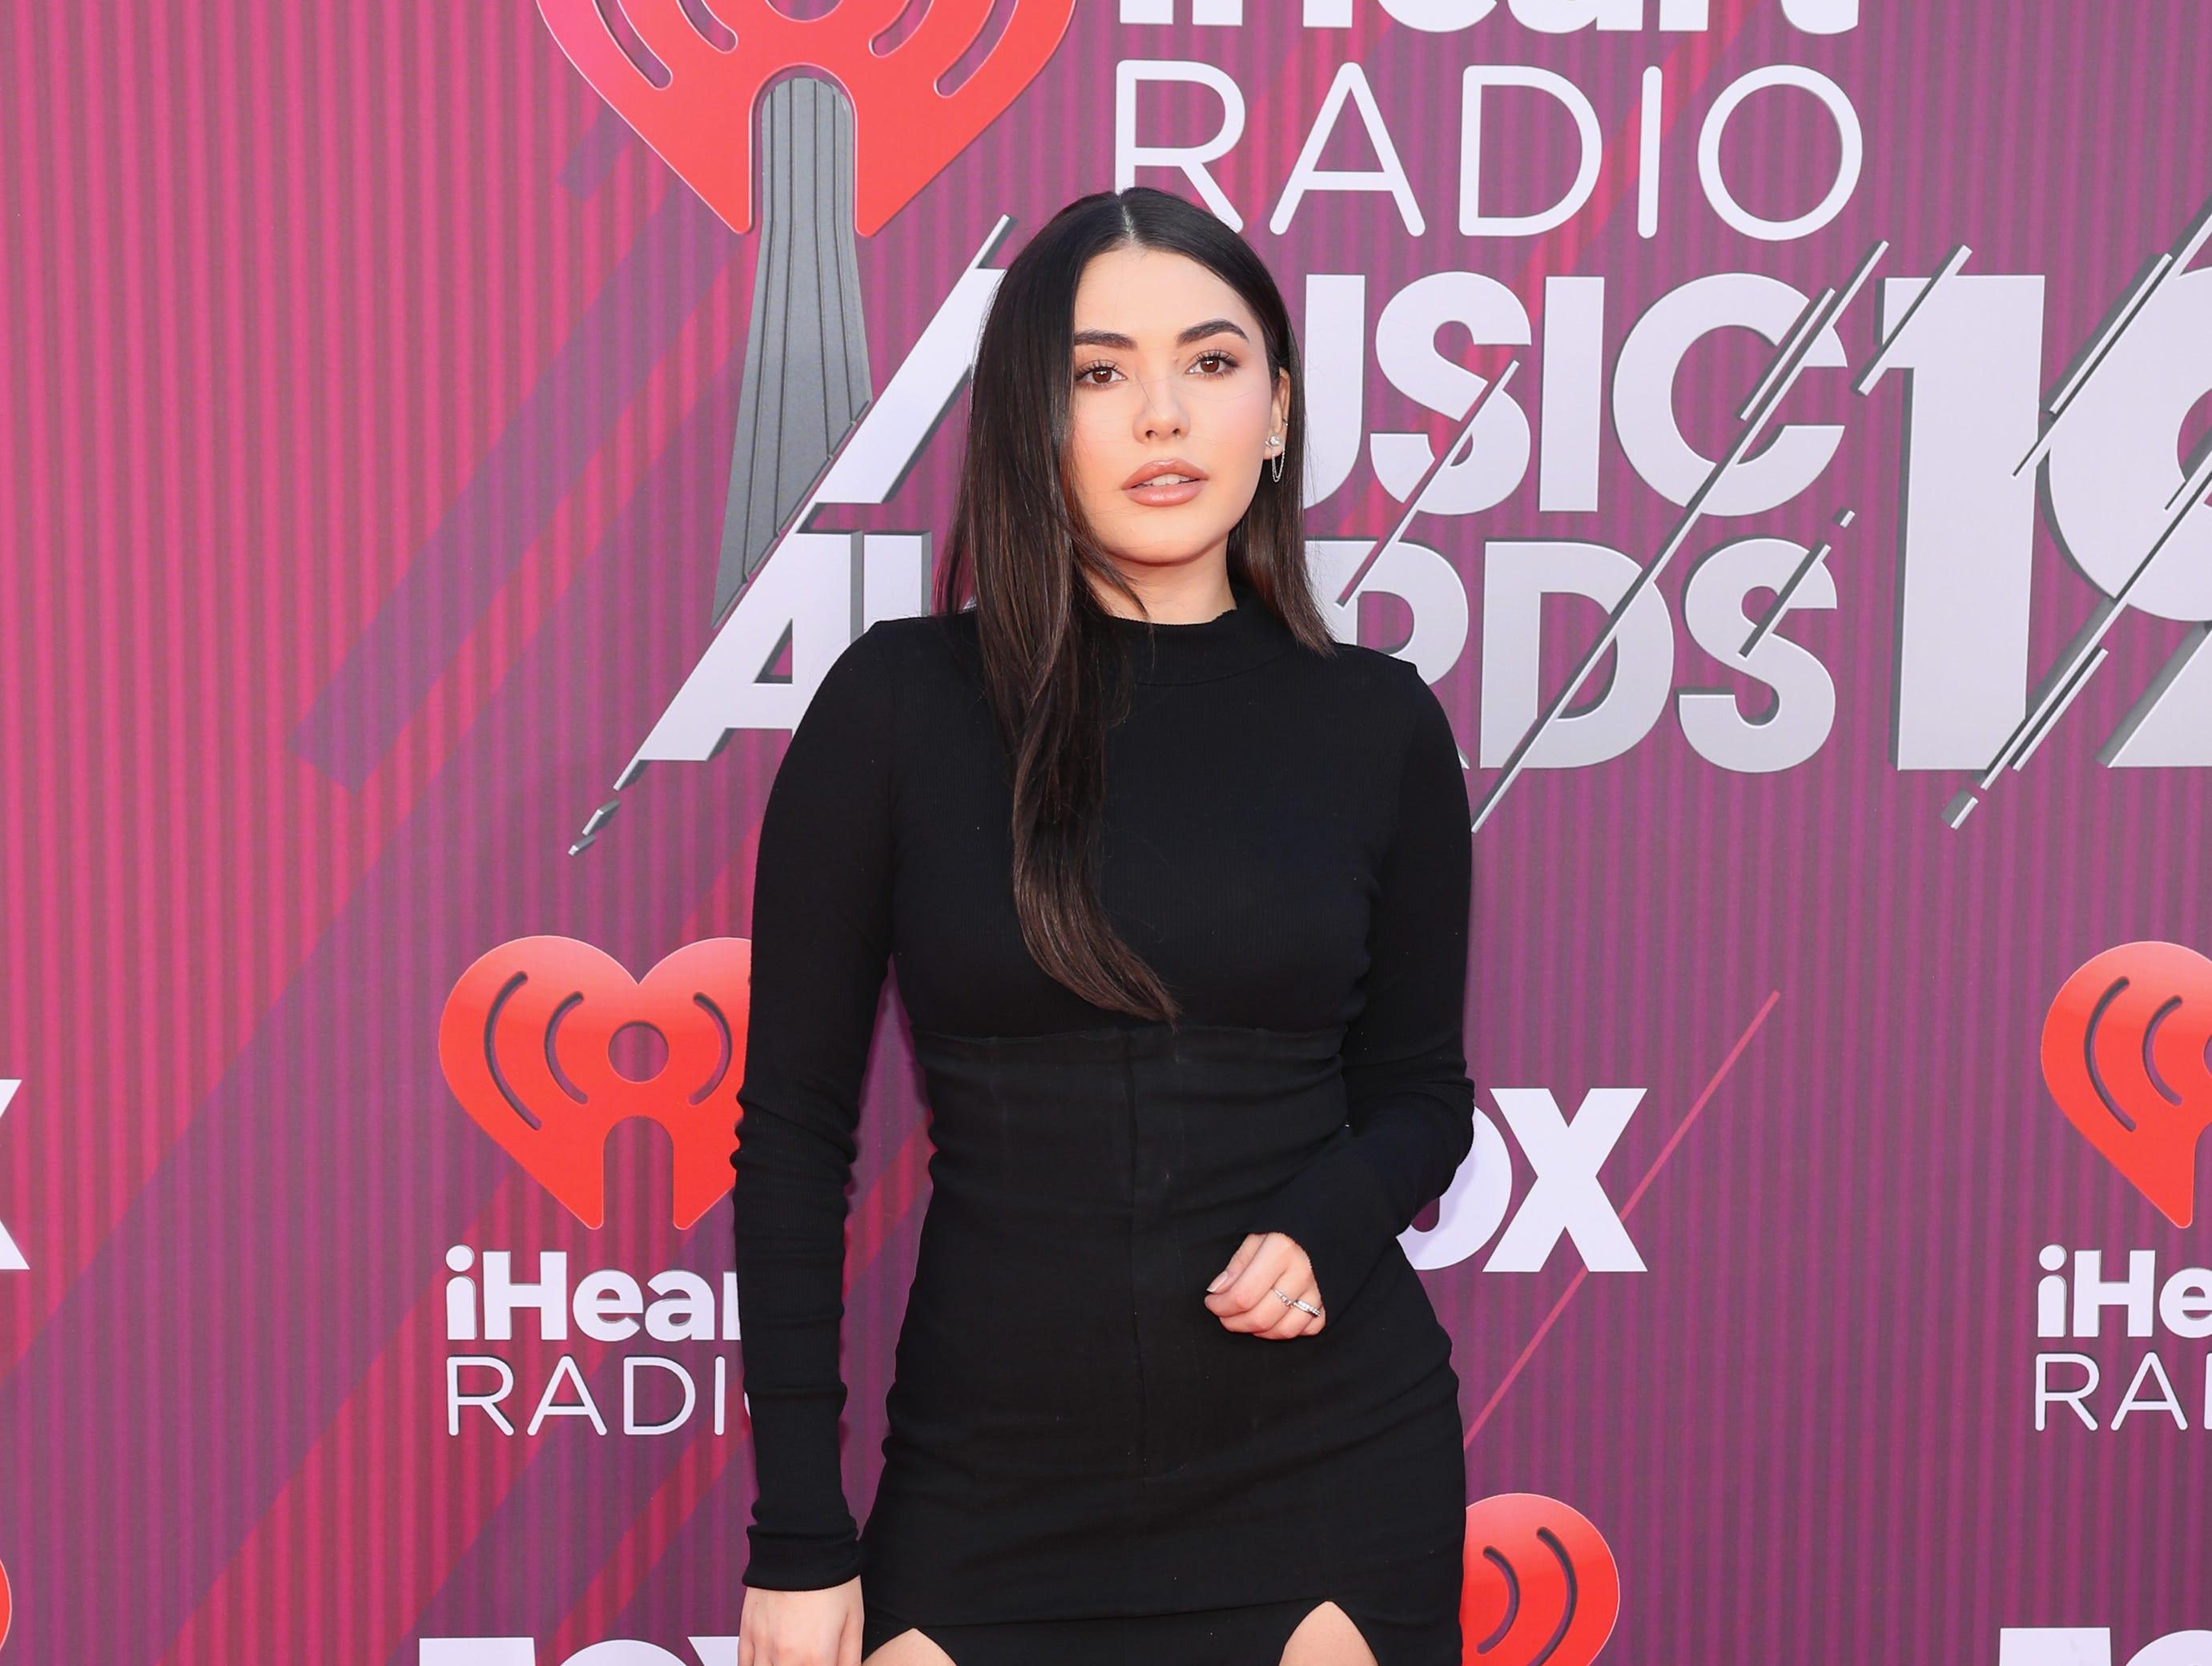 Atiana de la Hoya a su llegada a los premios iHeart Radio Music Awards en 2019 el 14 de marzo de 2019 en Los Angeles, California.